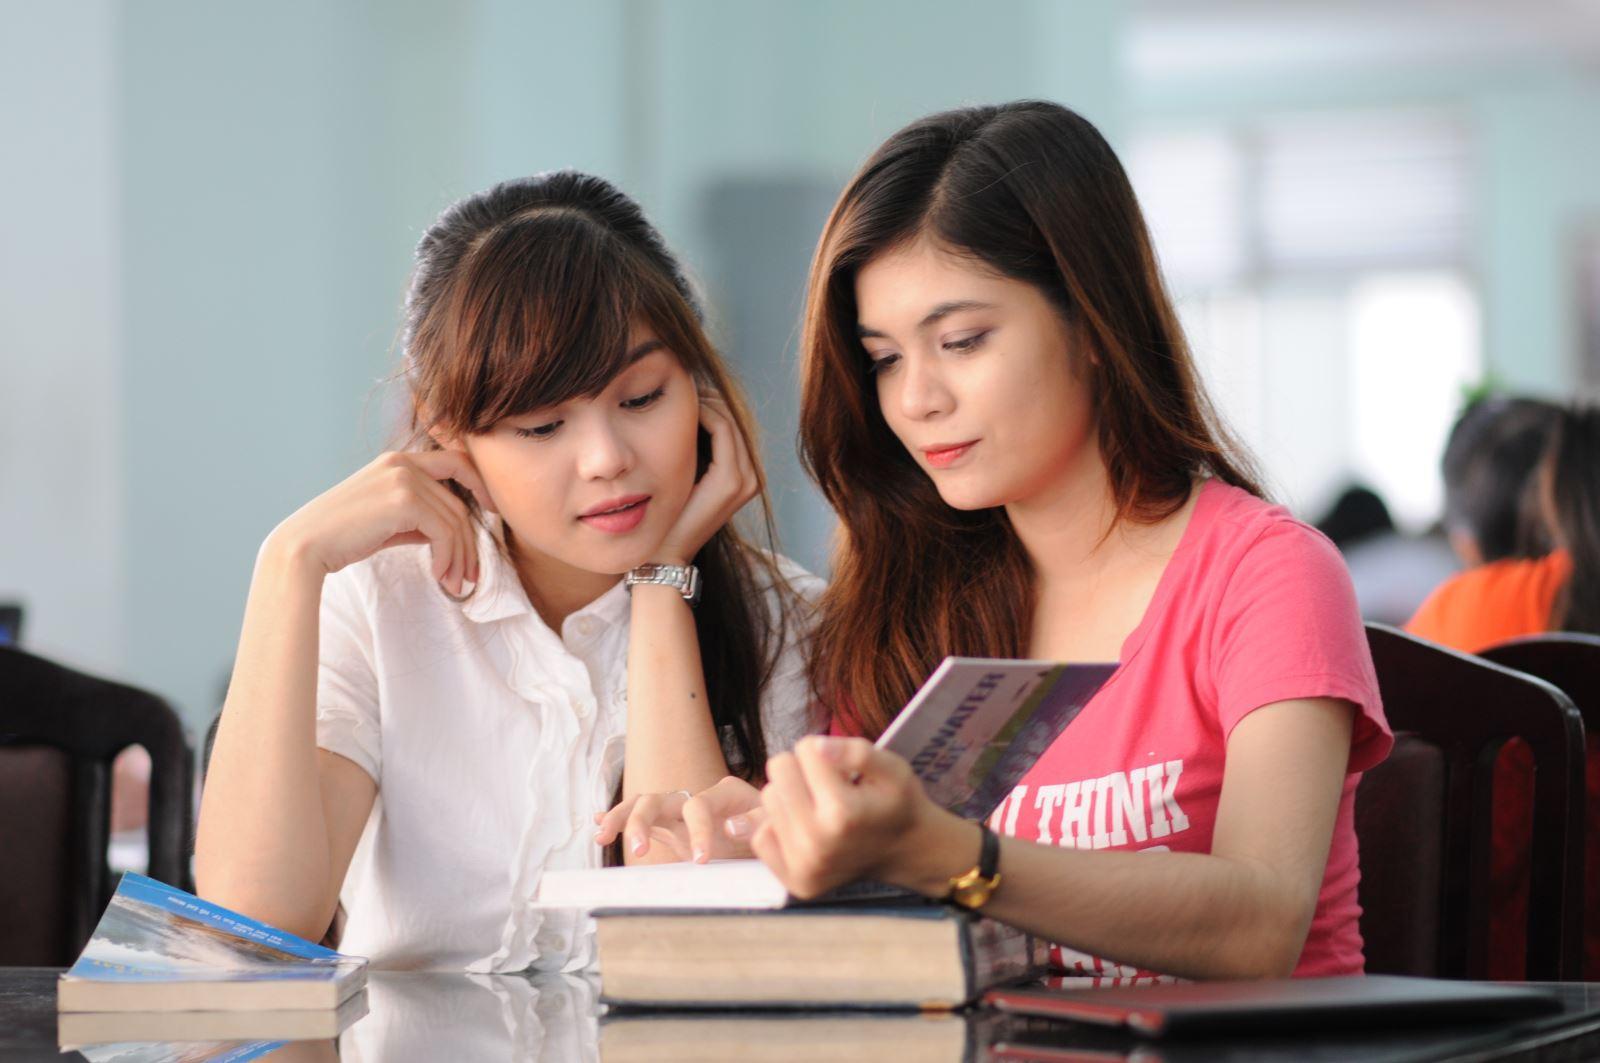 Bạn nên học tiếng anh hệ trung cấp nếu muốn xin việc thuận lợi hơn